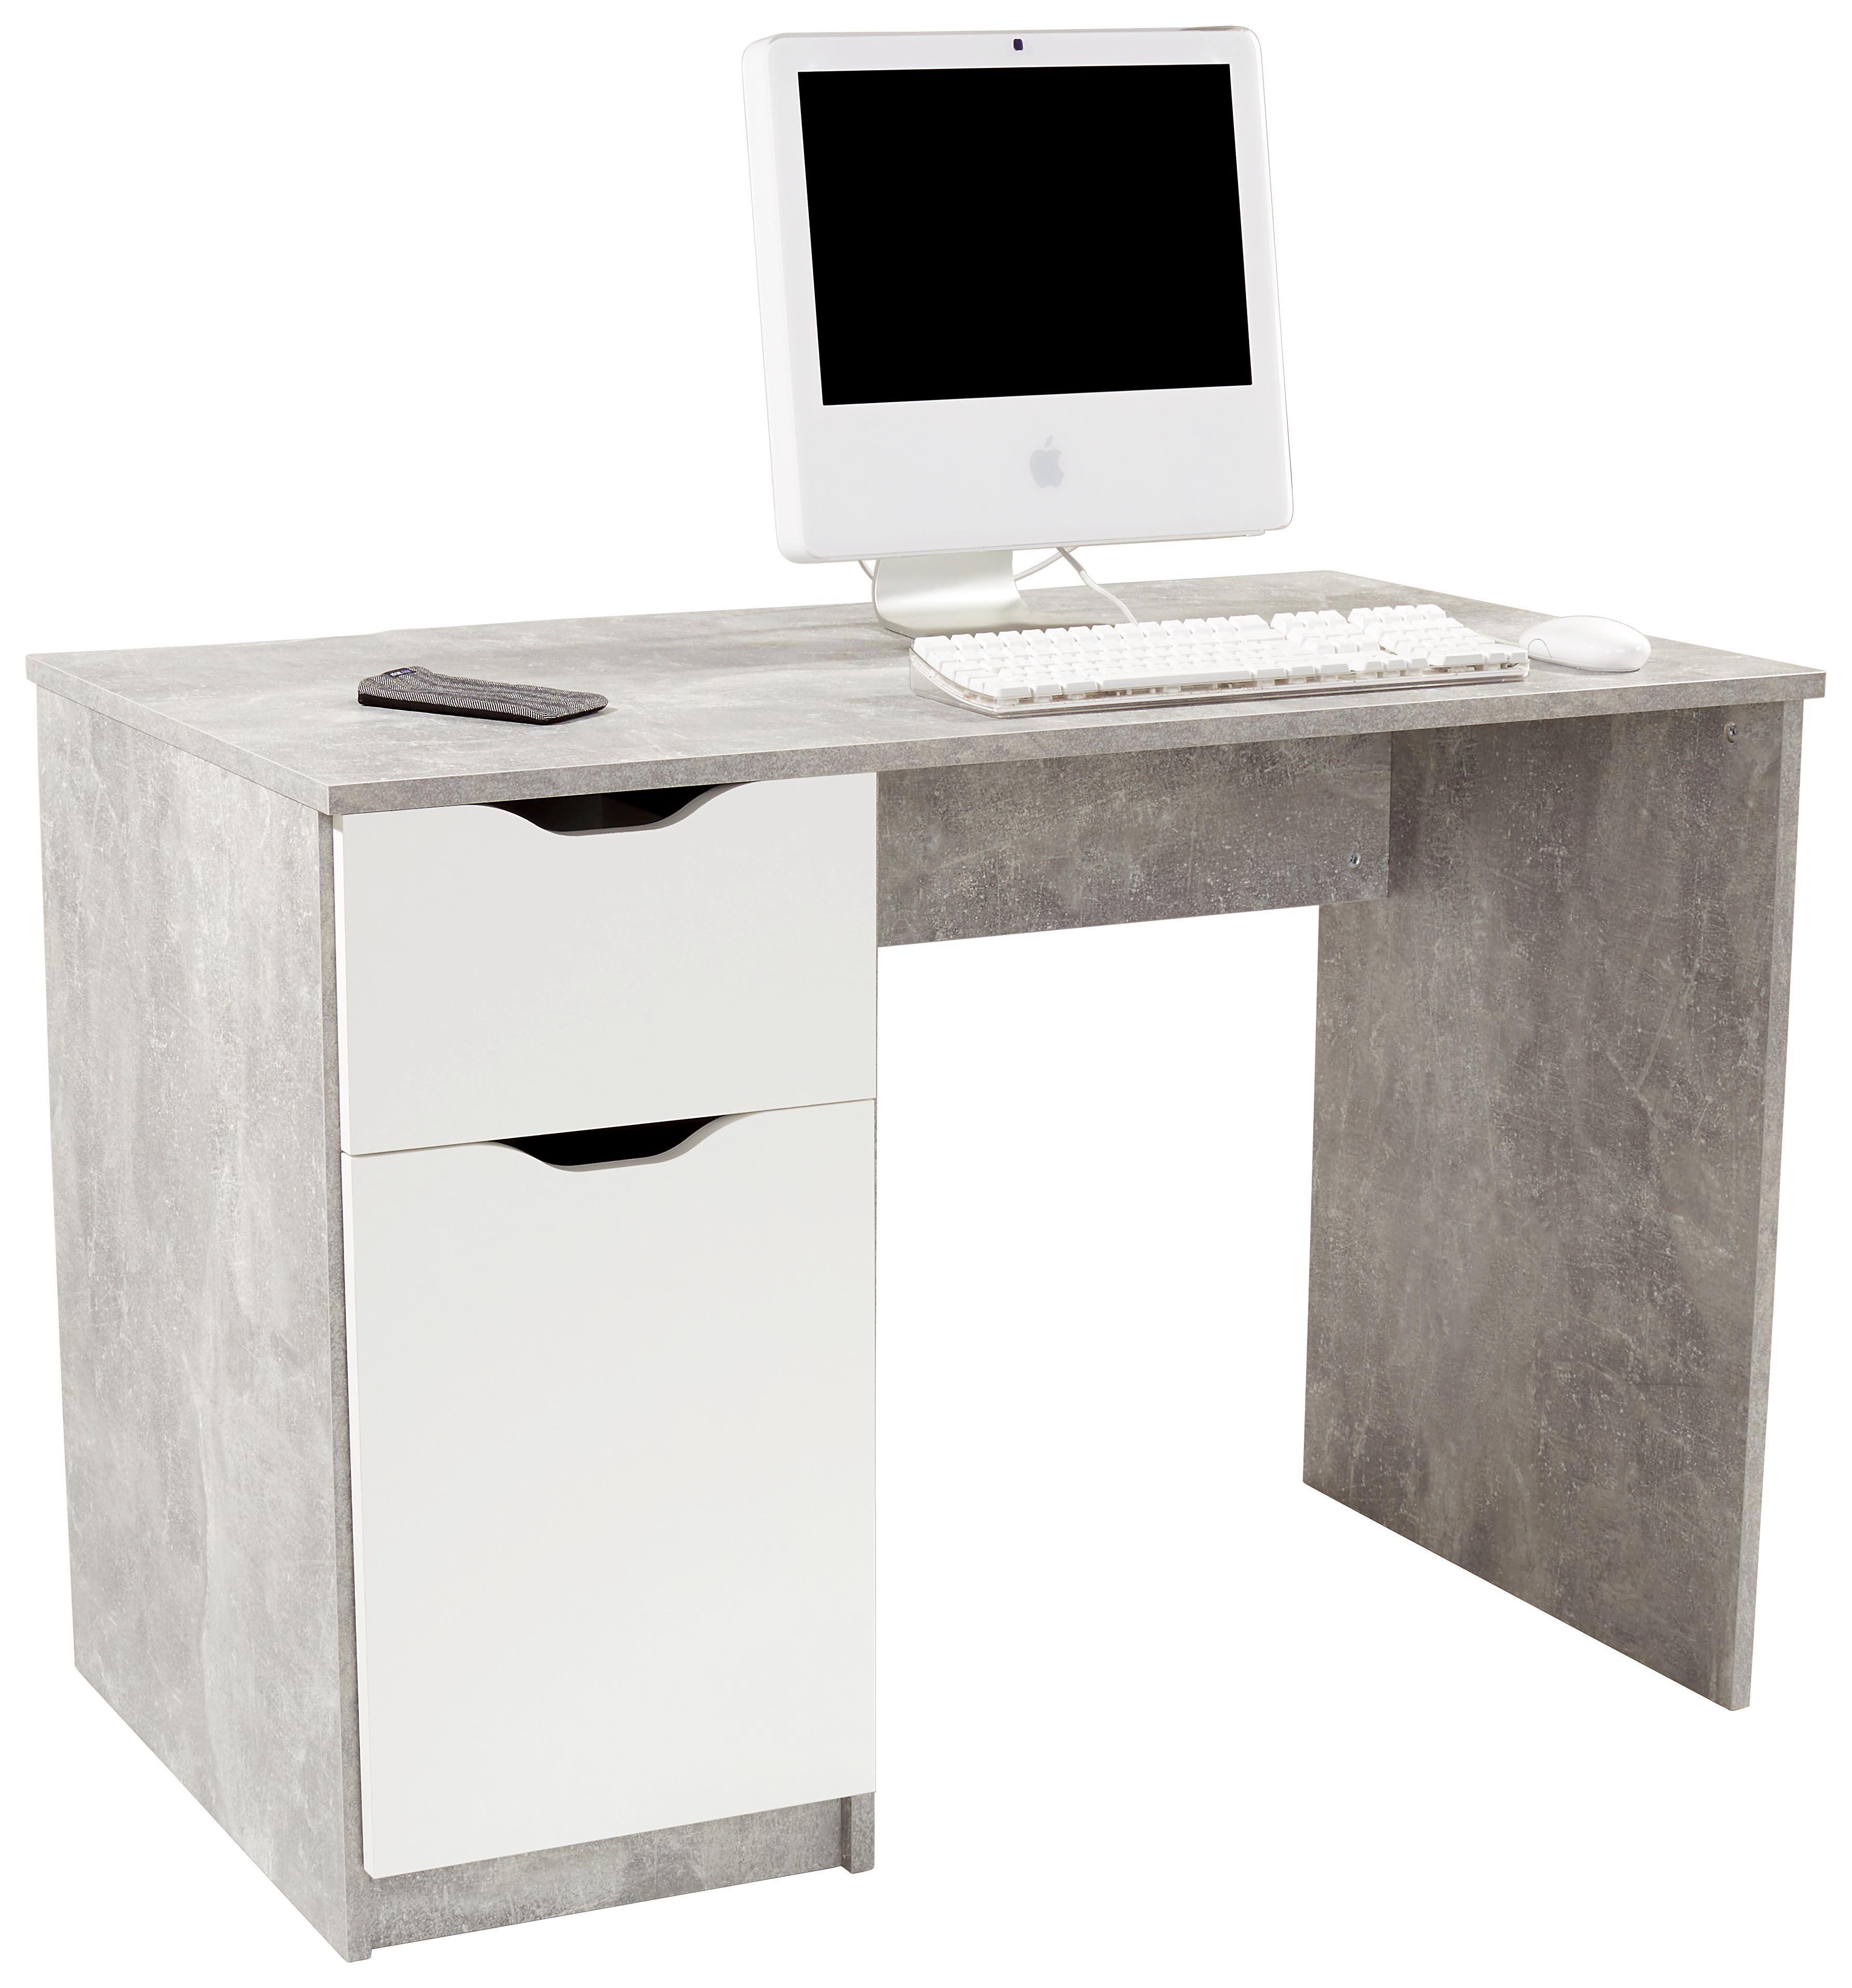 Íróasztal West 1 - fehér/szürke, modern, faanyagok (116,4/76/60cm)